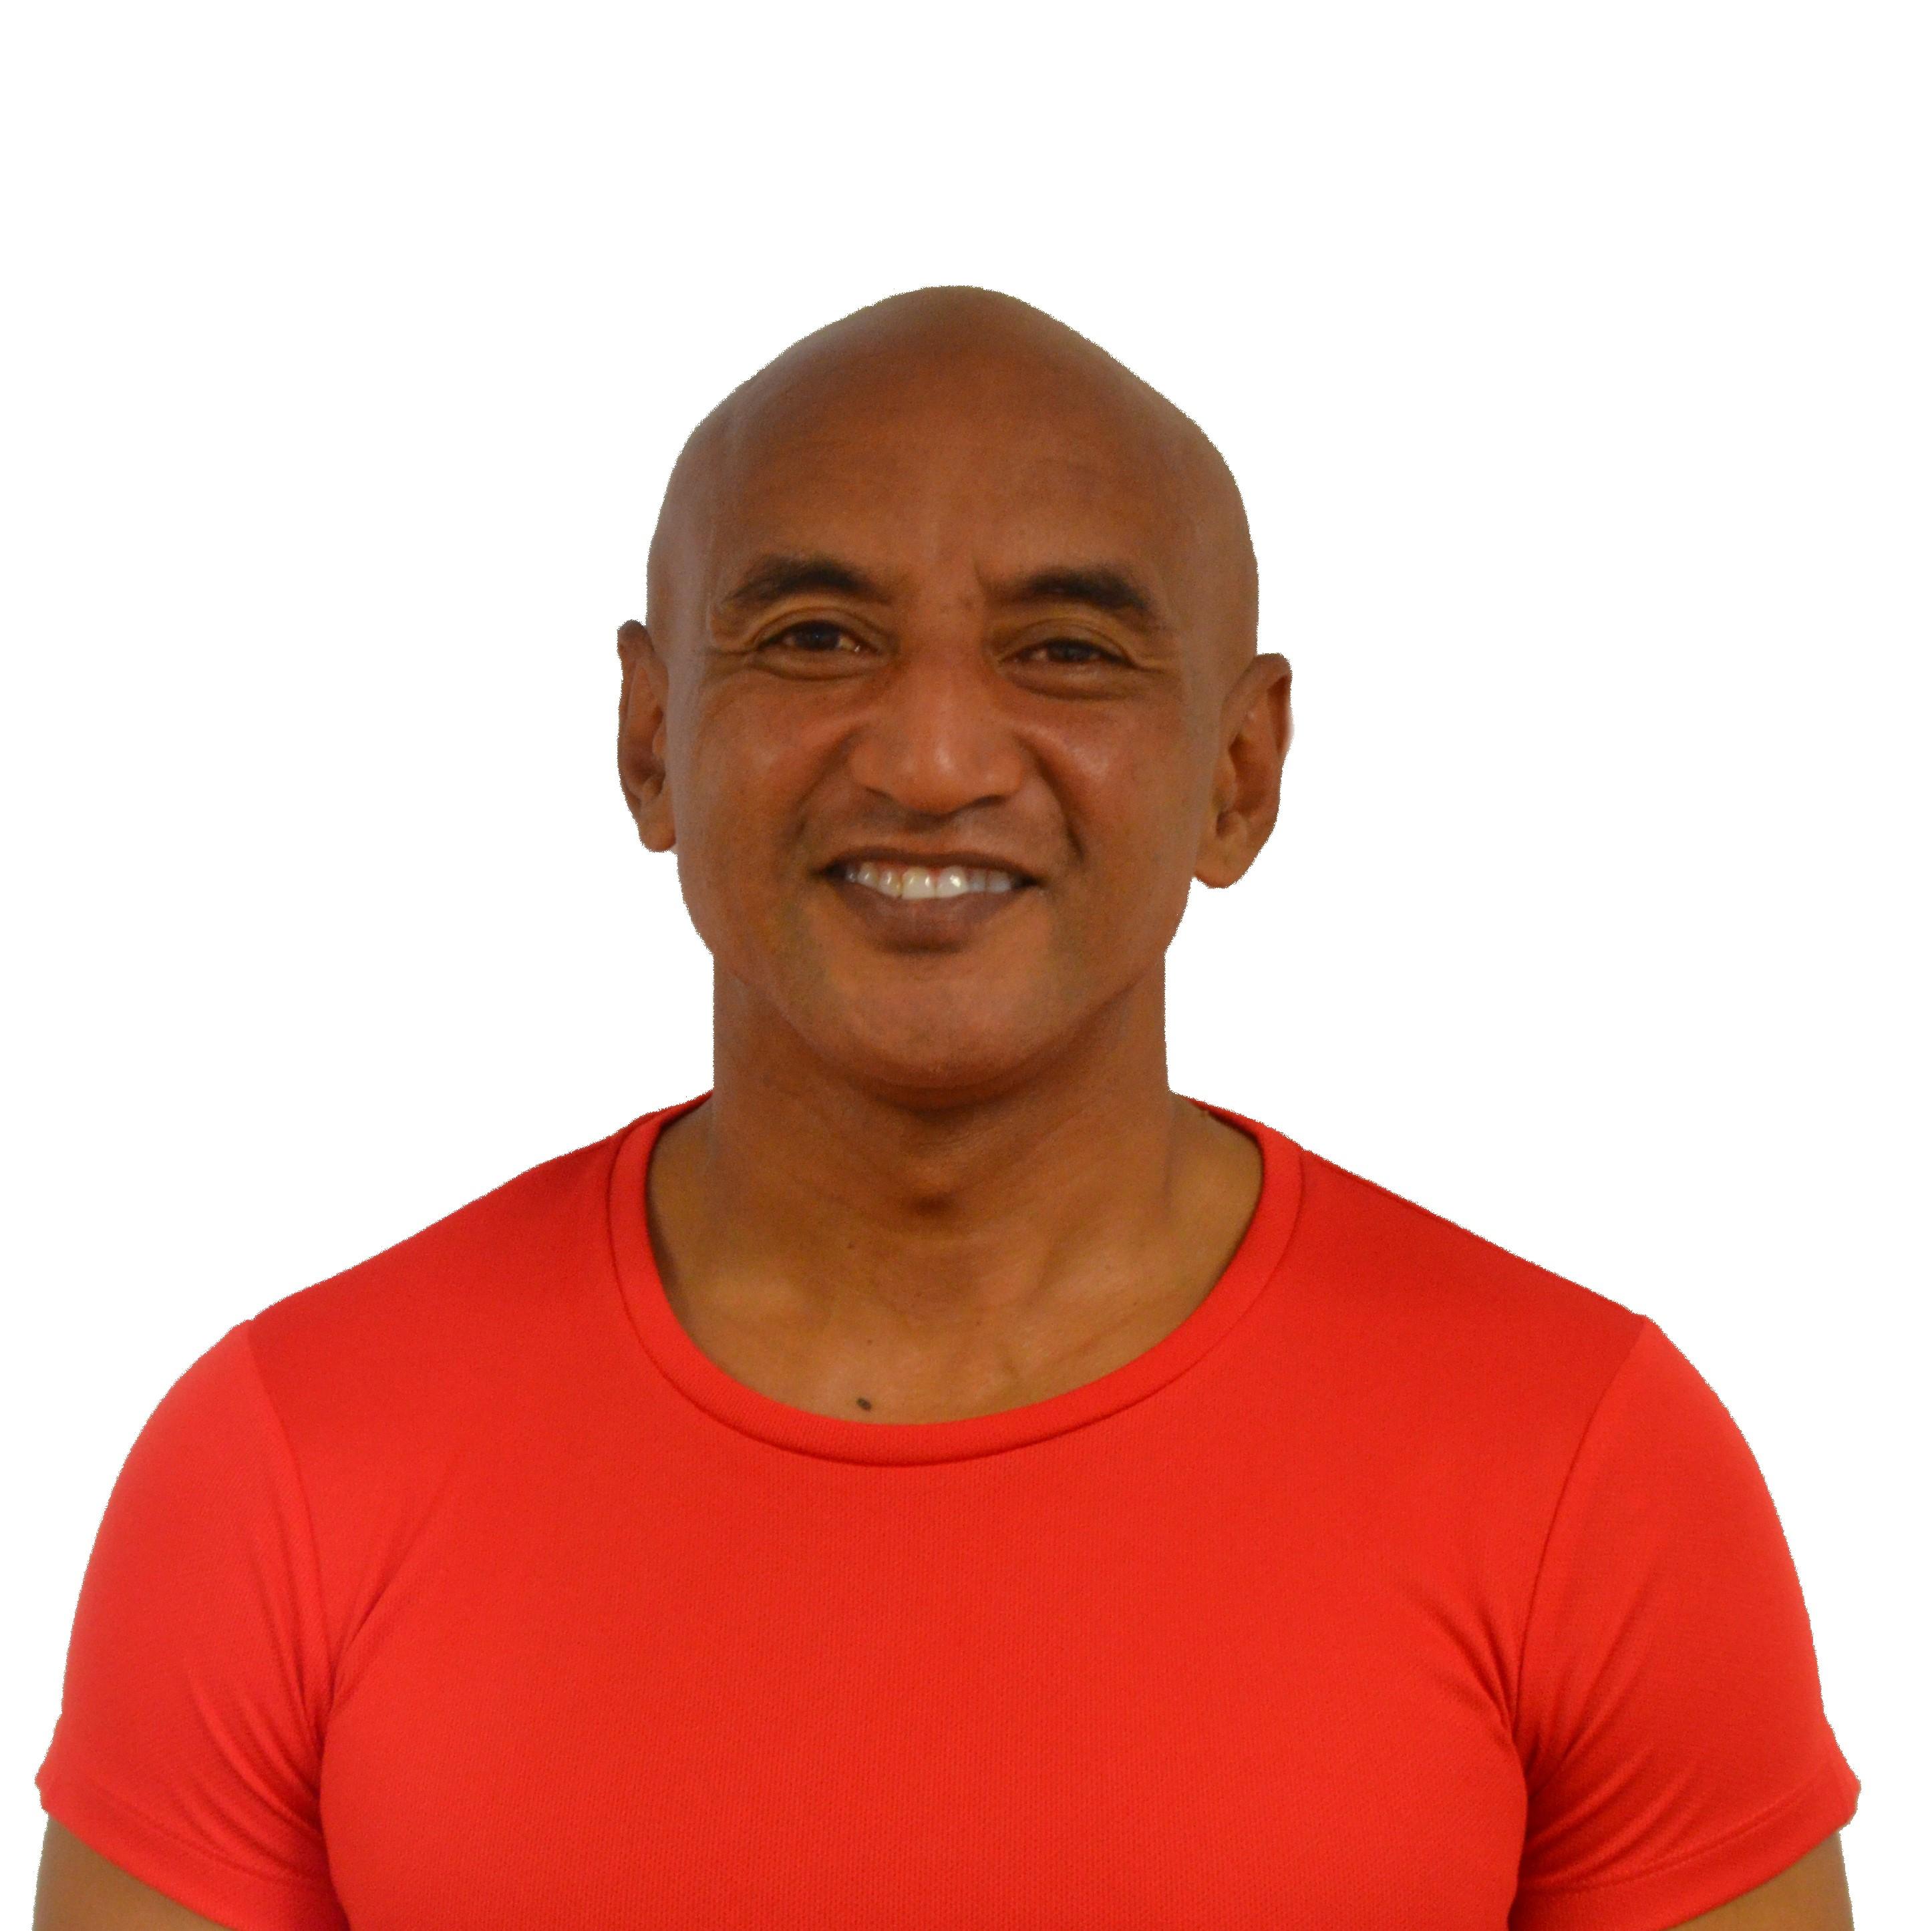 Rudy Maulany